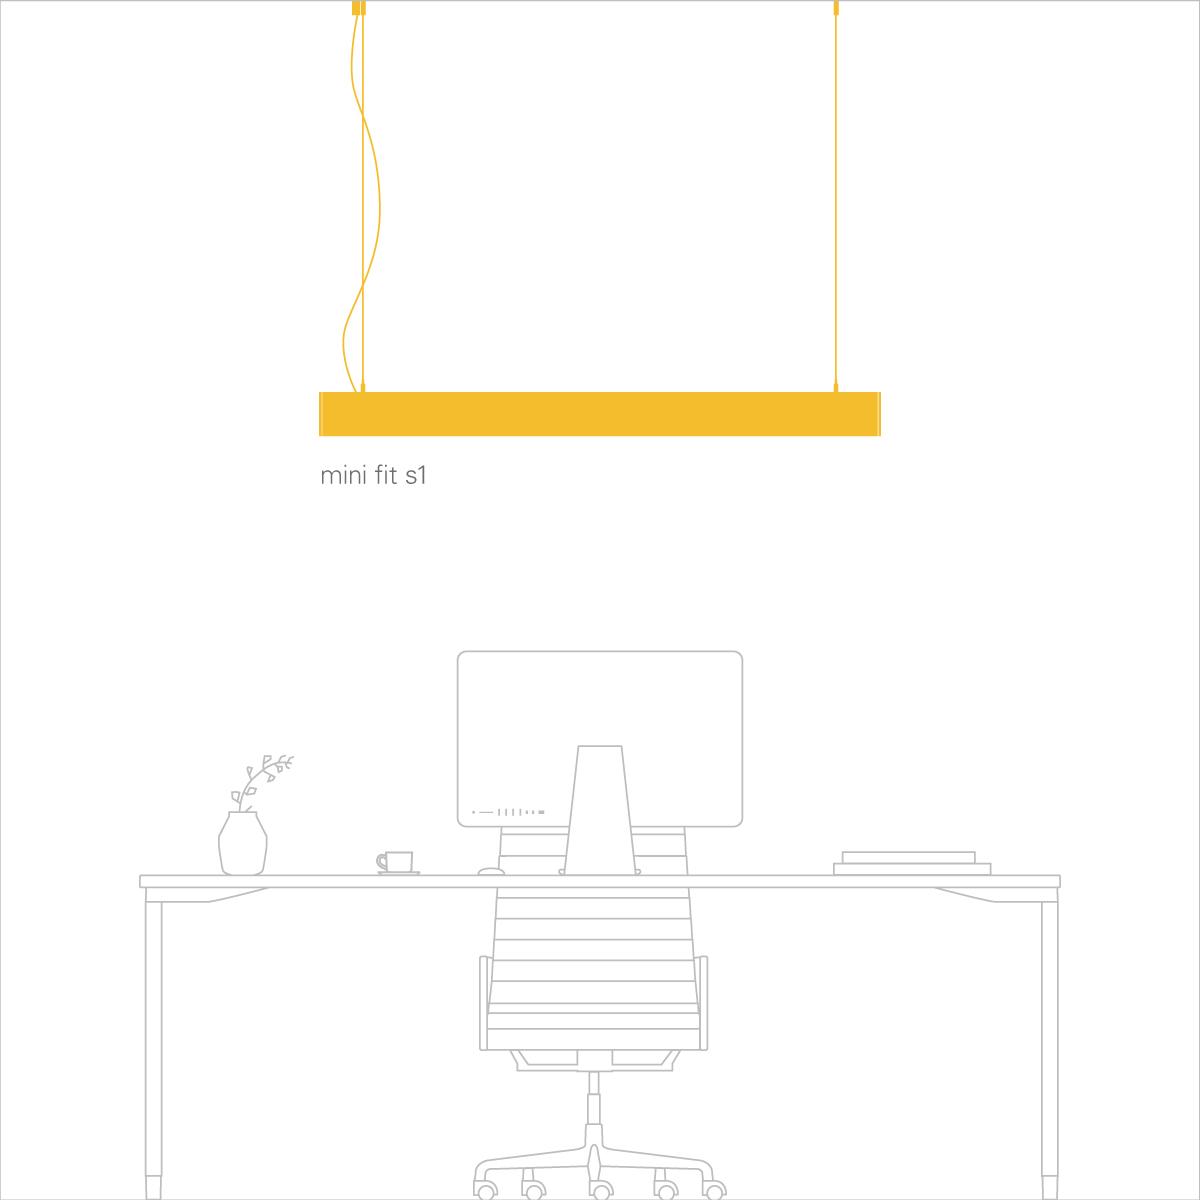 180521 mini fit s1 escritorio